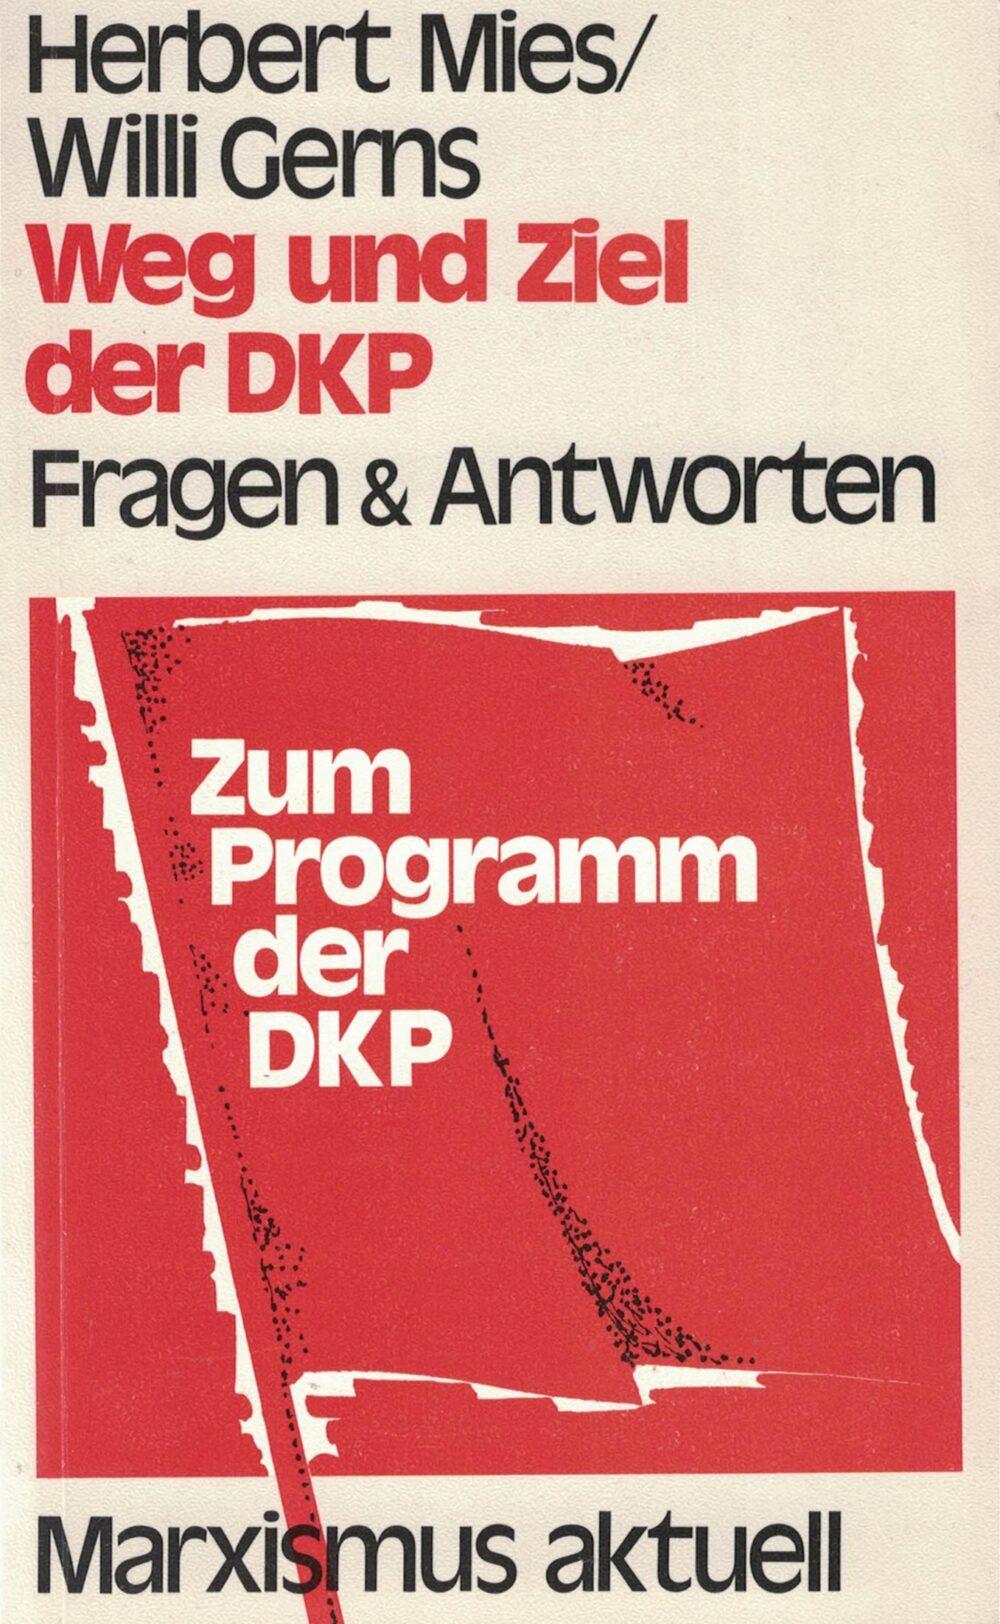 Herbert Mies/Willi Gerns - Weg und Ziel der DKP - Fragen und Antworten